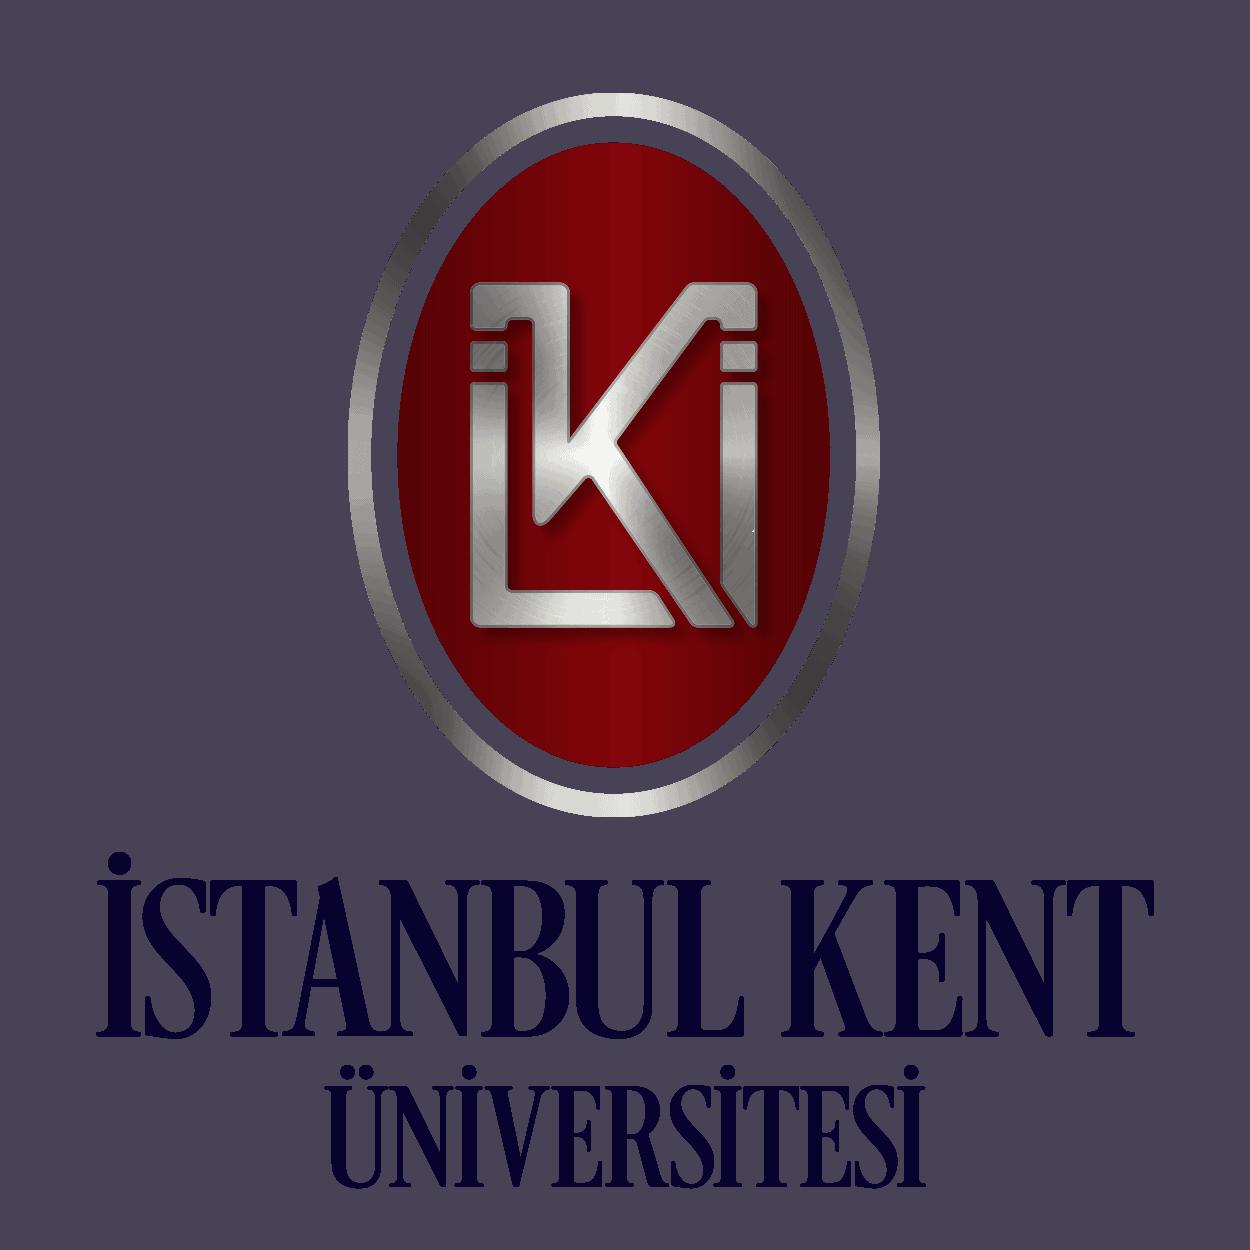 İstanbul Kent Üniversitesi Logo png